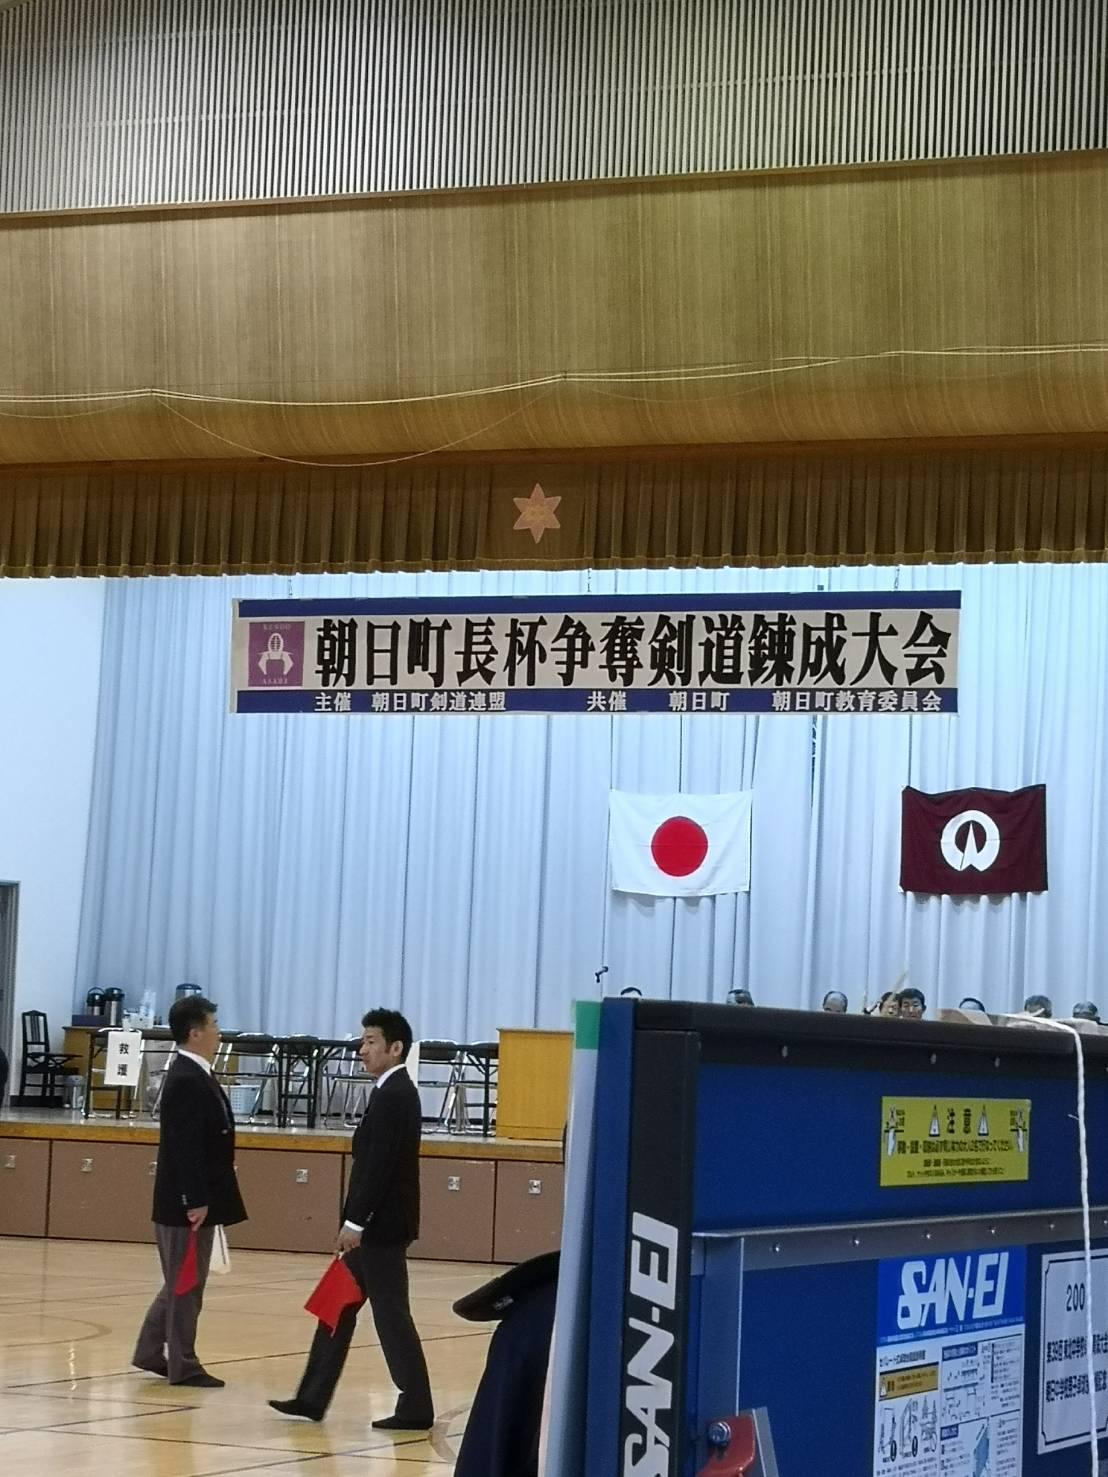 その他の交流試合 | 振武館 須賀川市剣道スポーツ少年団